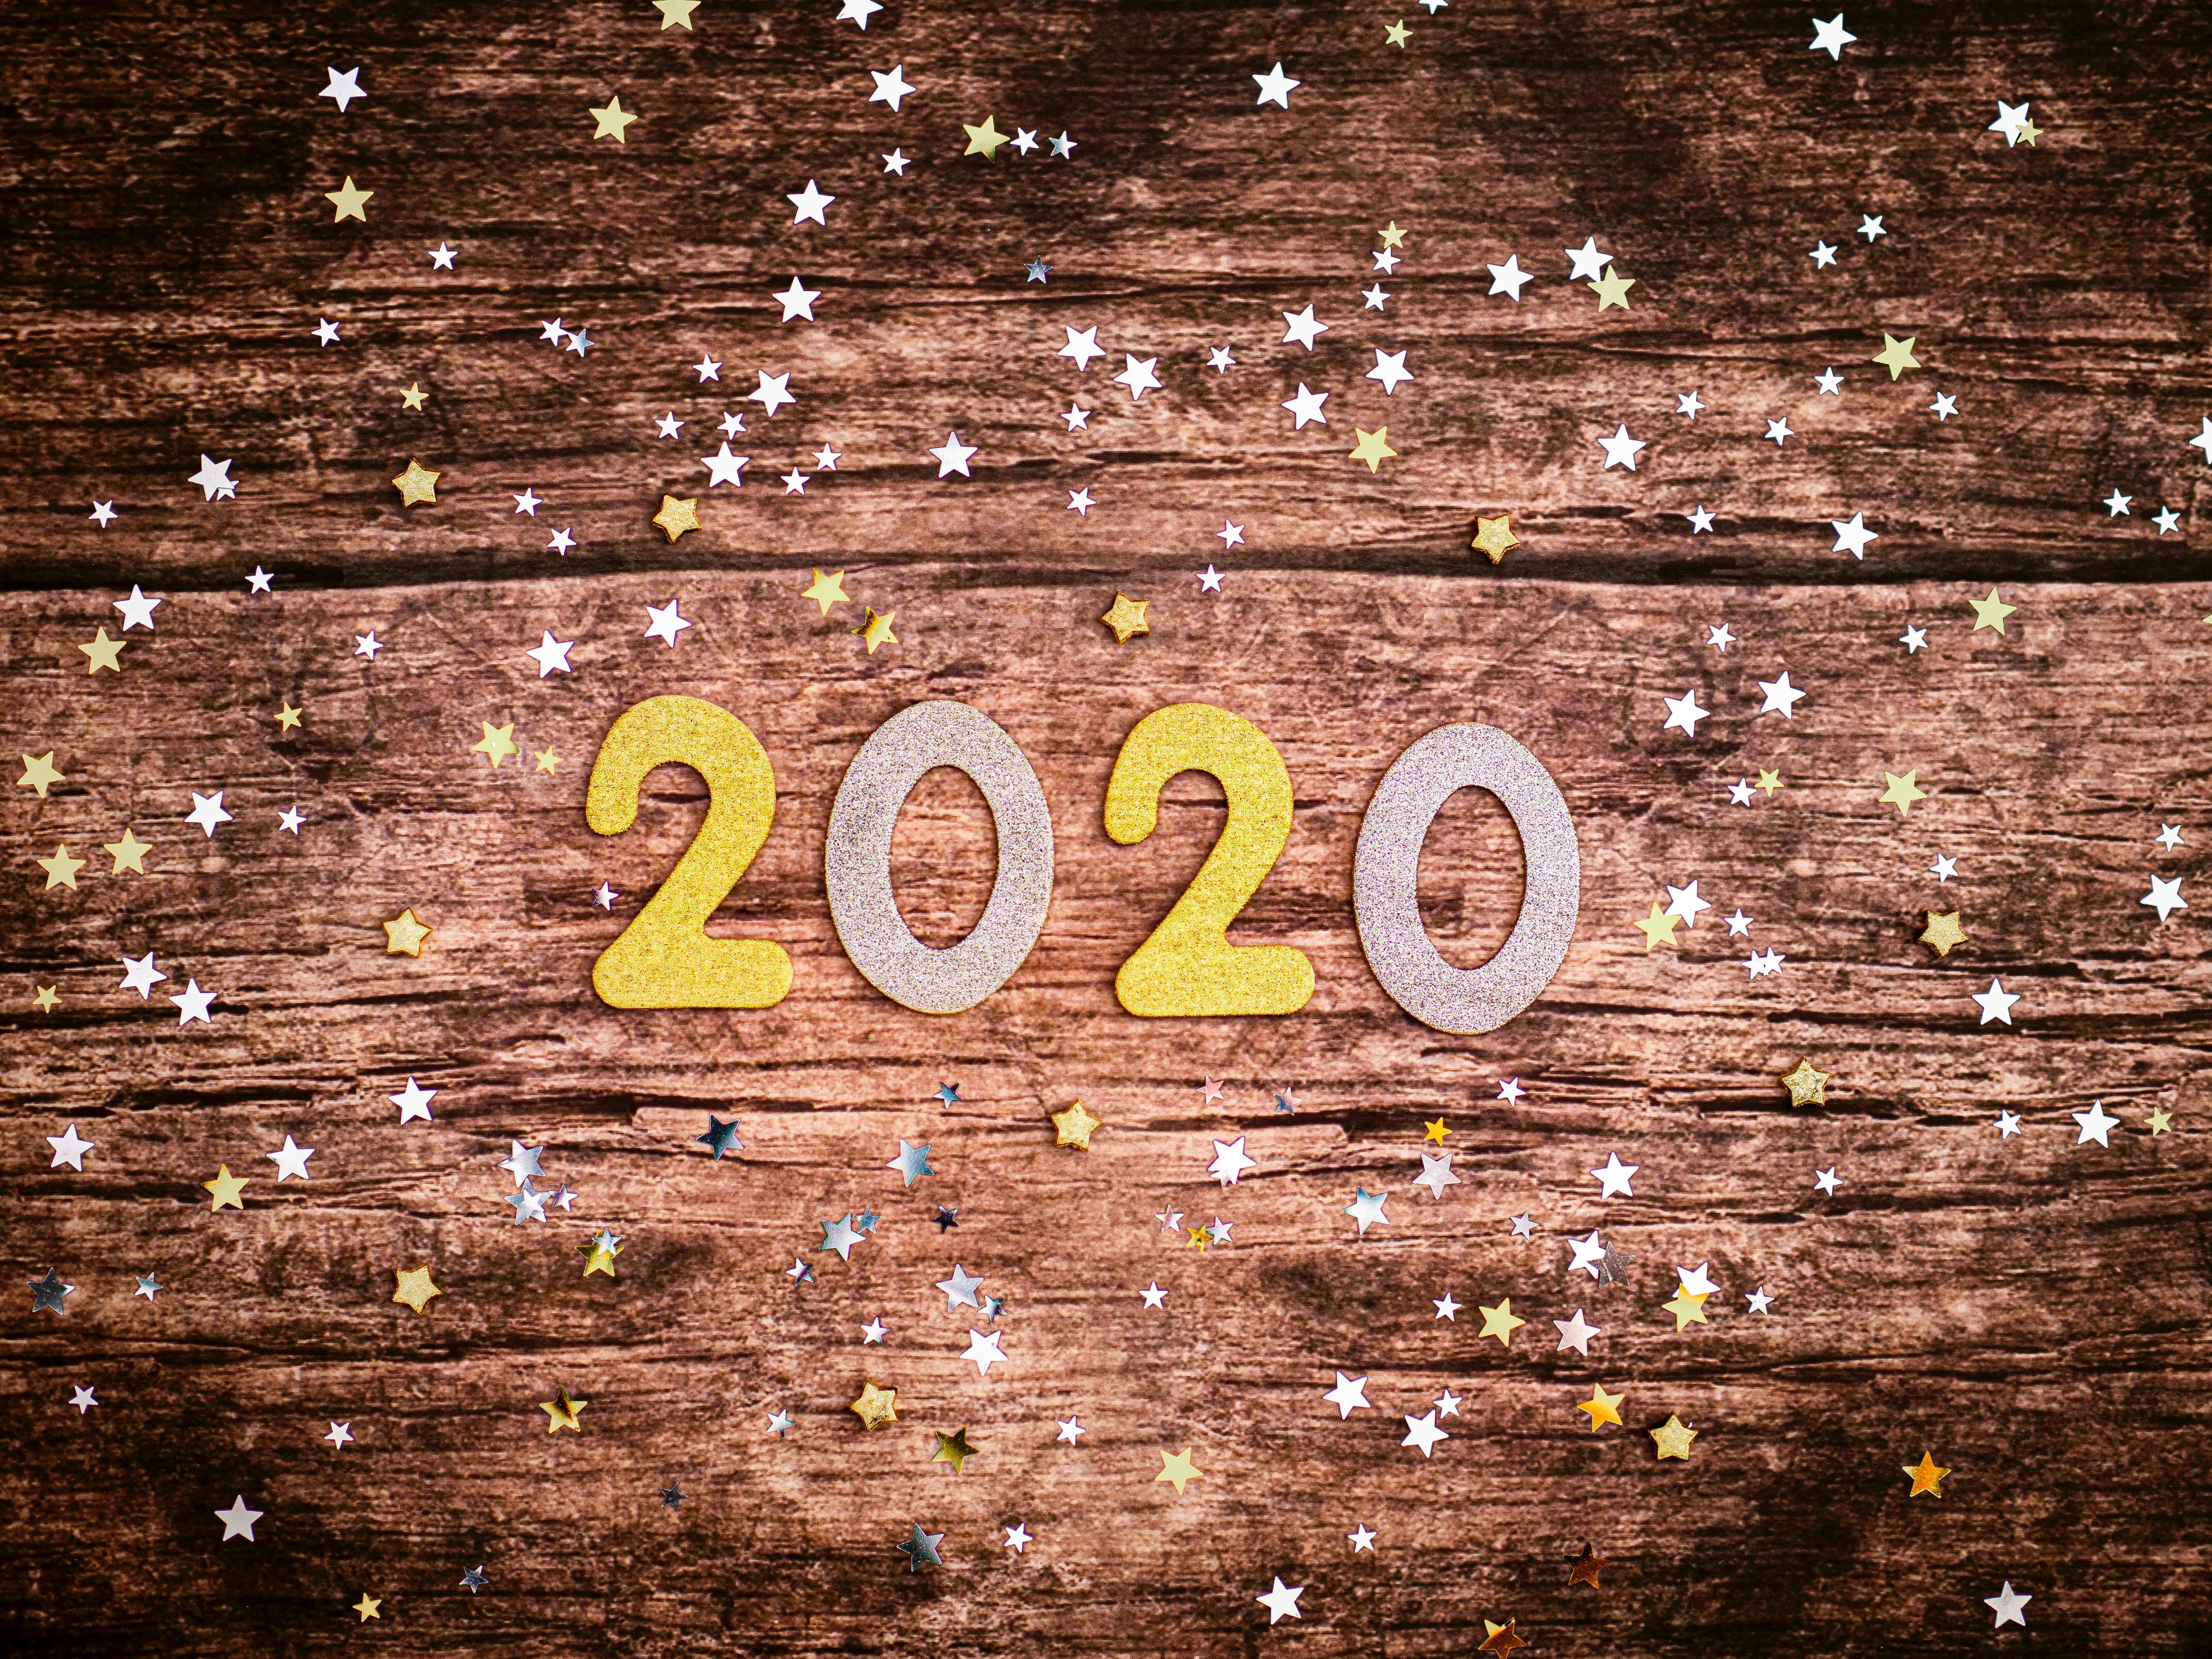 Топ 5 работни позиции в чужбина за 2020 година